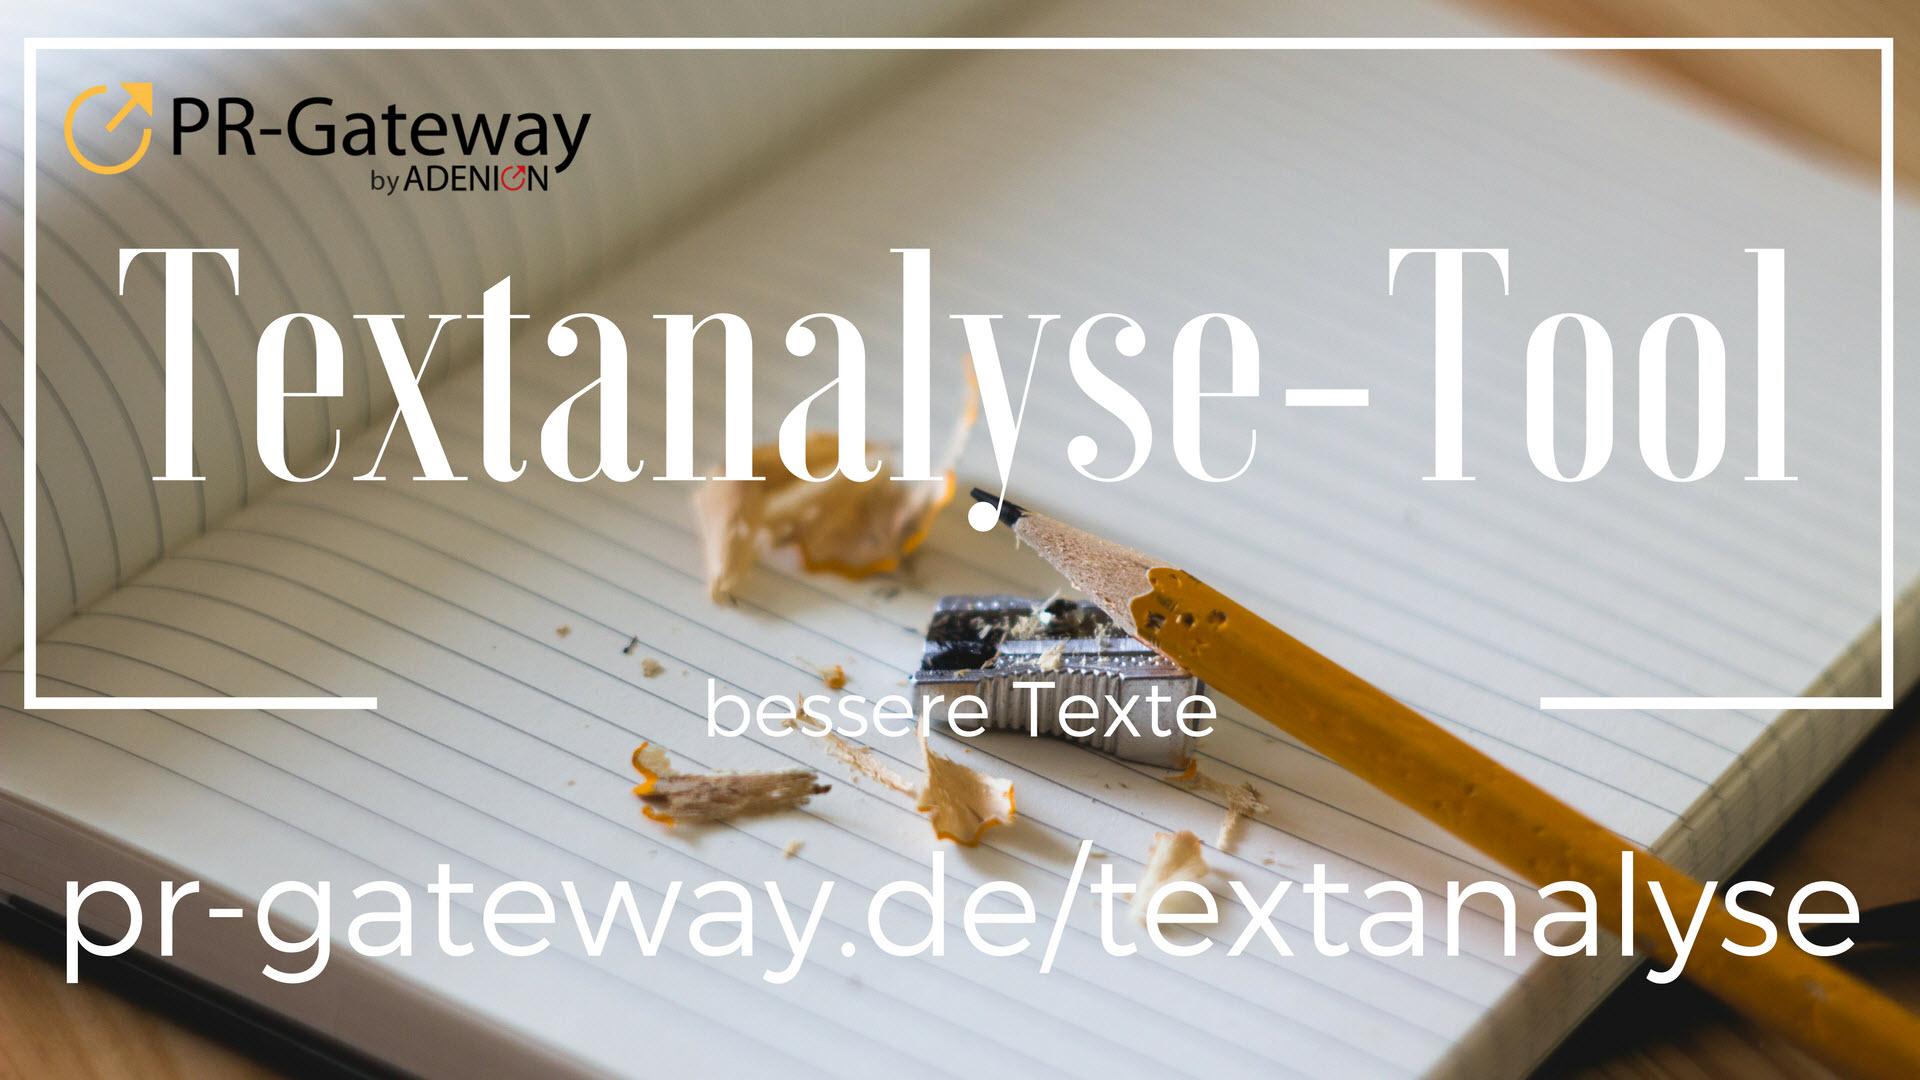 Textanalyse-Tool